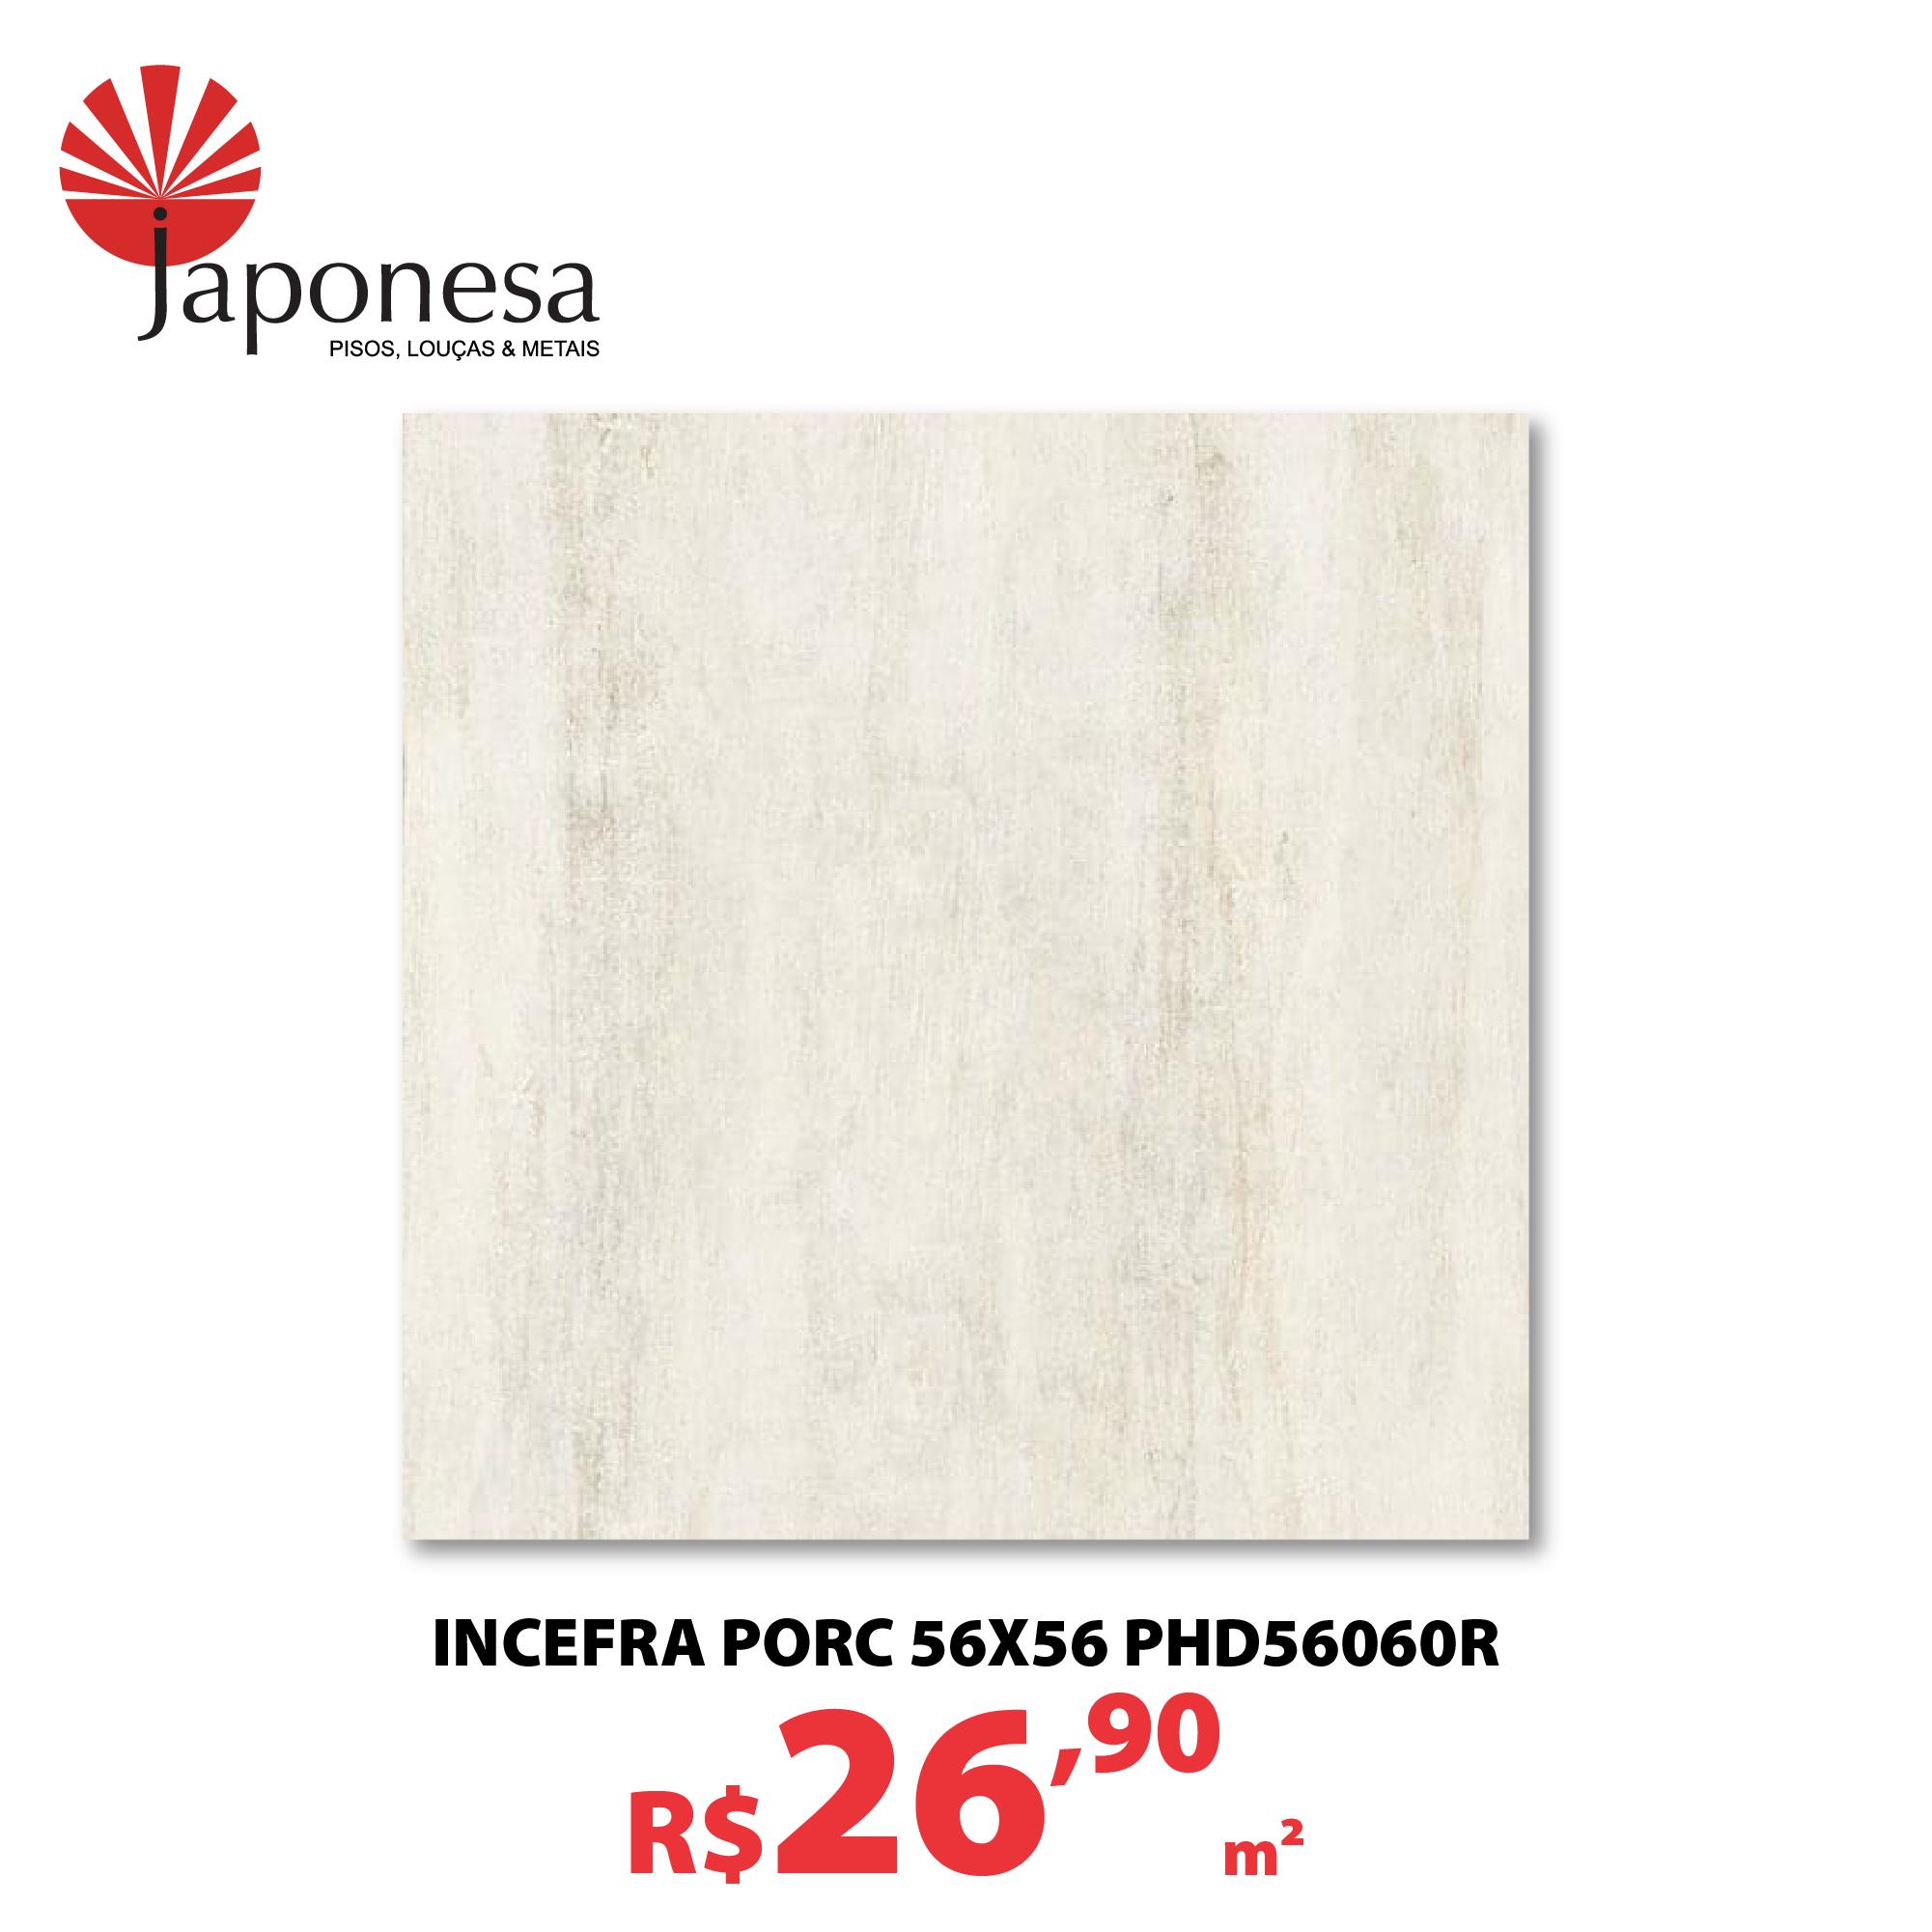 INCEFRA PORC 56X56 PHD56060R